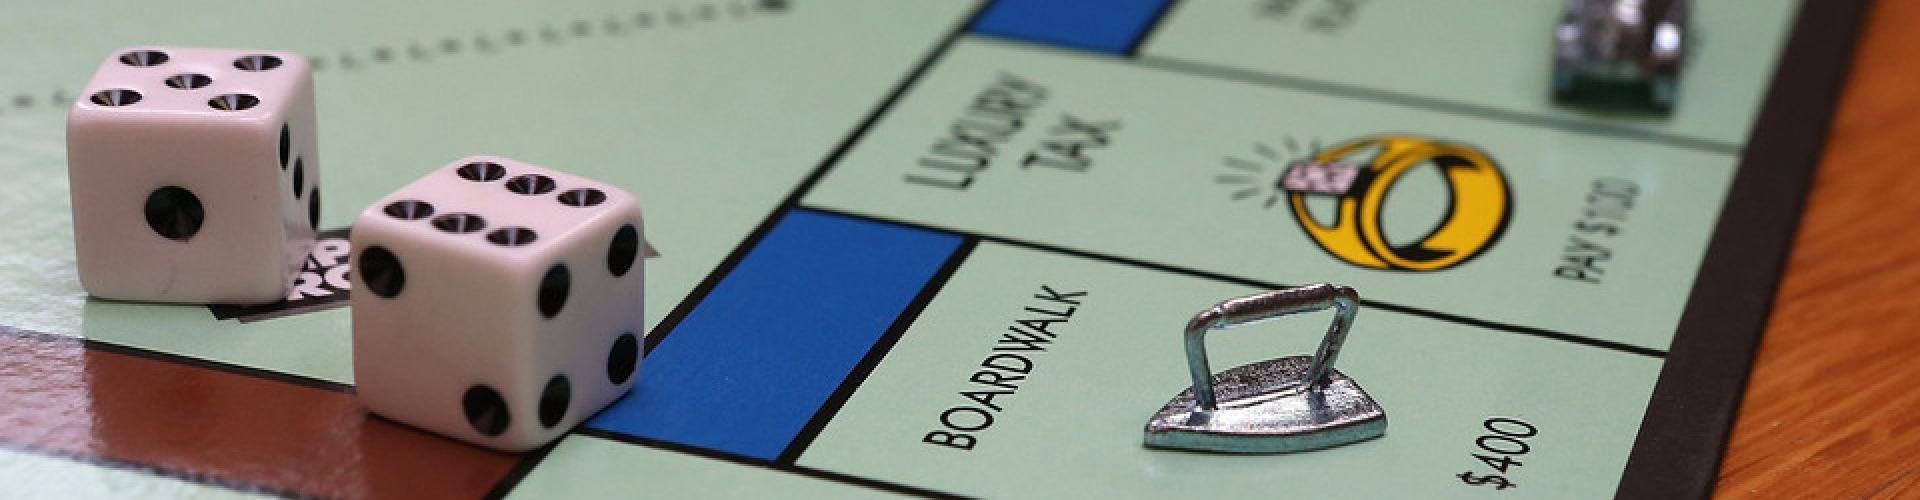 Monopol1920x500